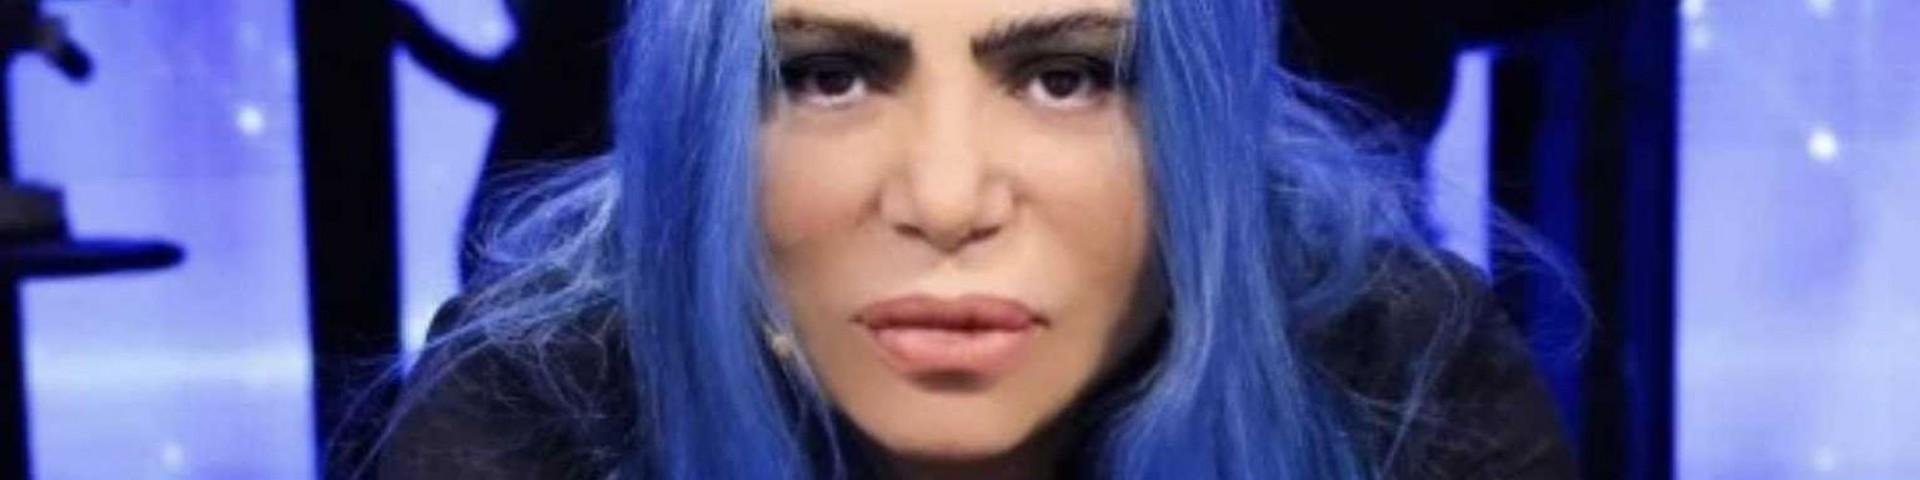 """Loredana Bertè: """"Mameli potrebbe andare a vendere materassi"""""""